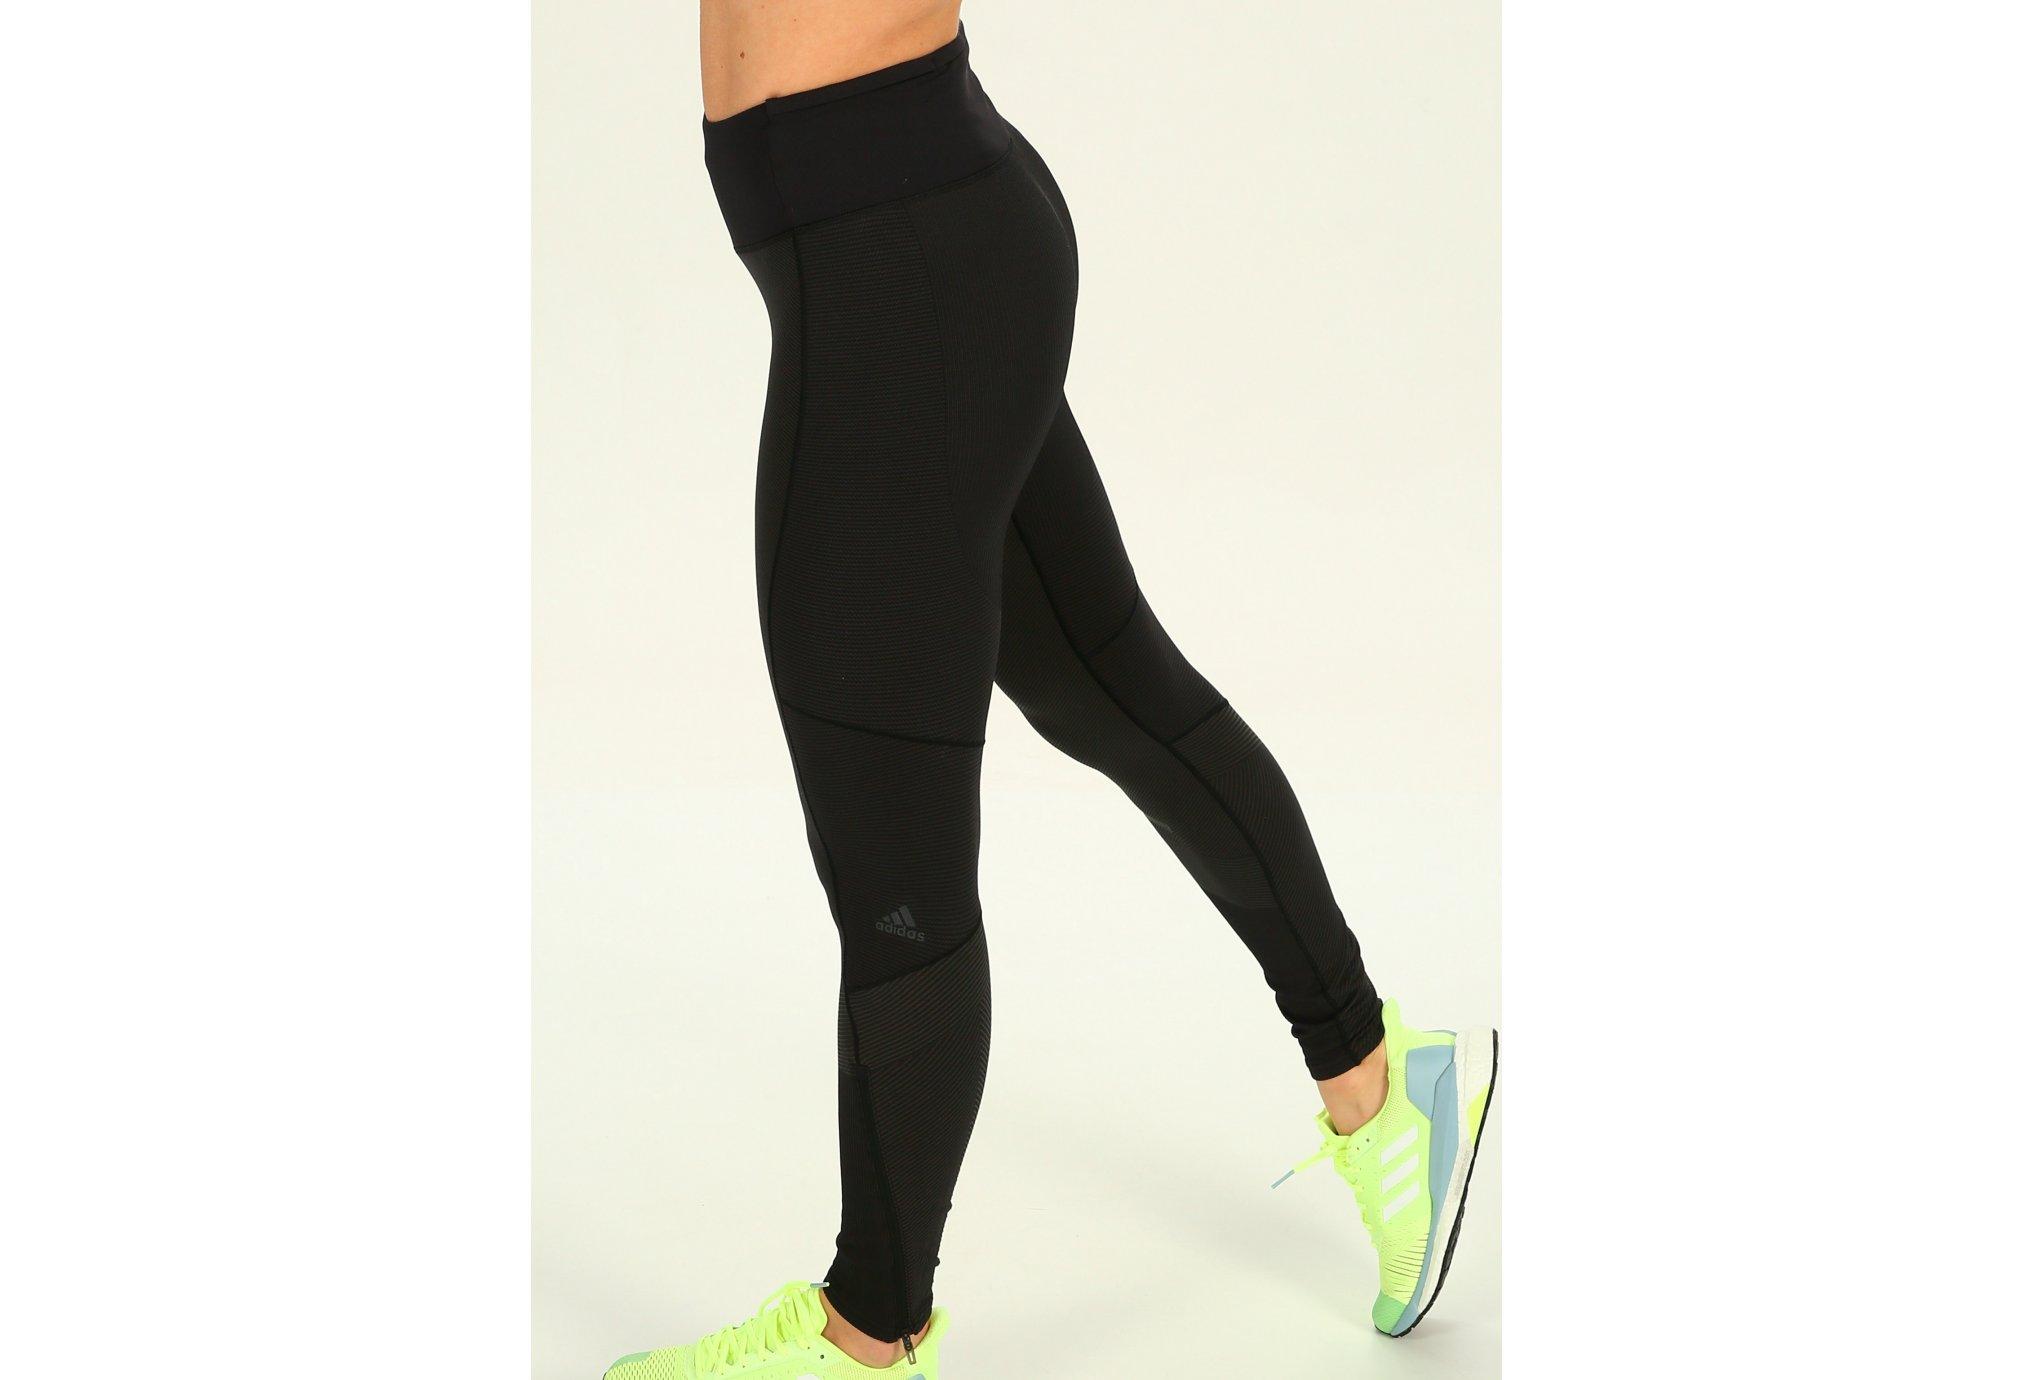 Adidas Ultra primeknit w vêtement running femme